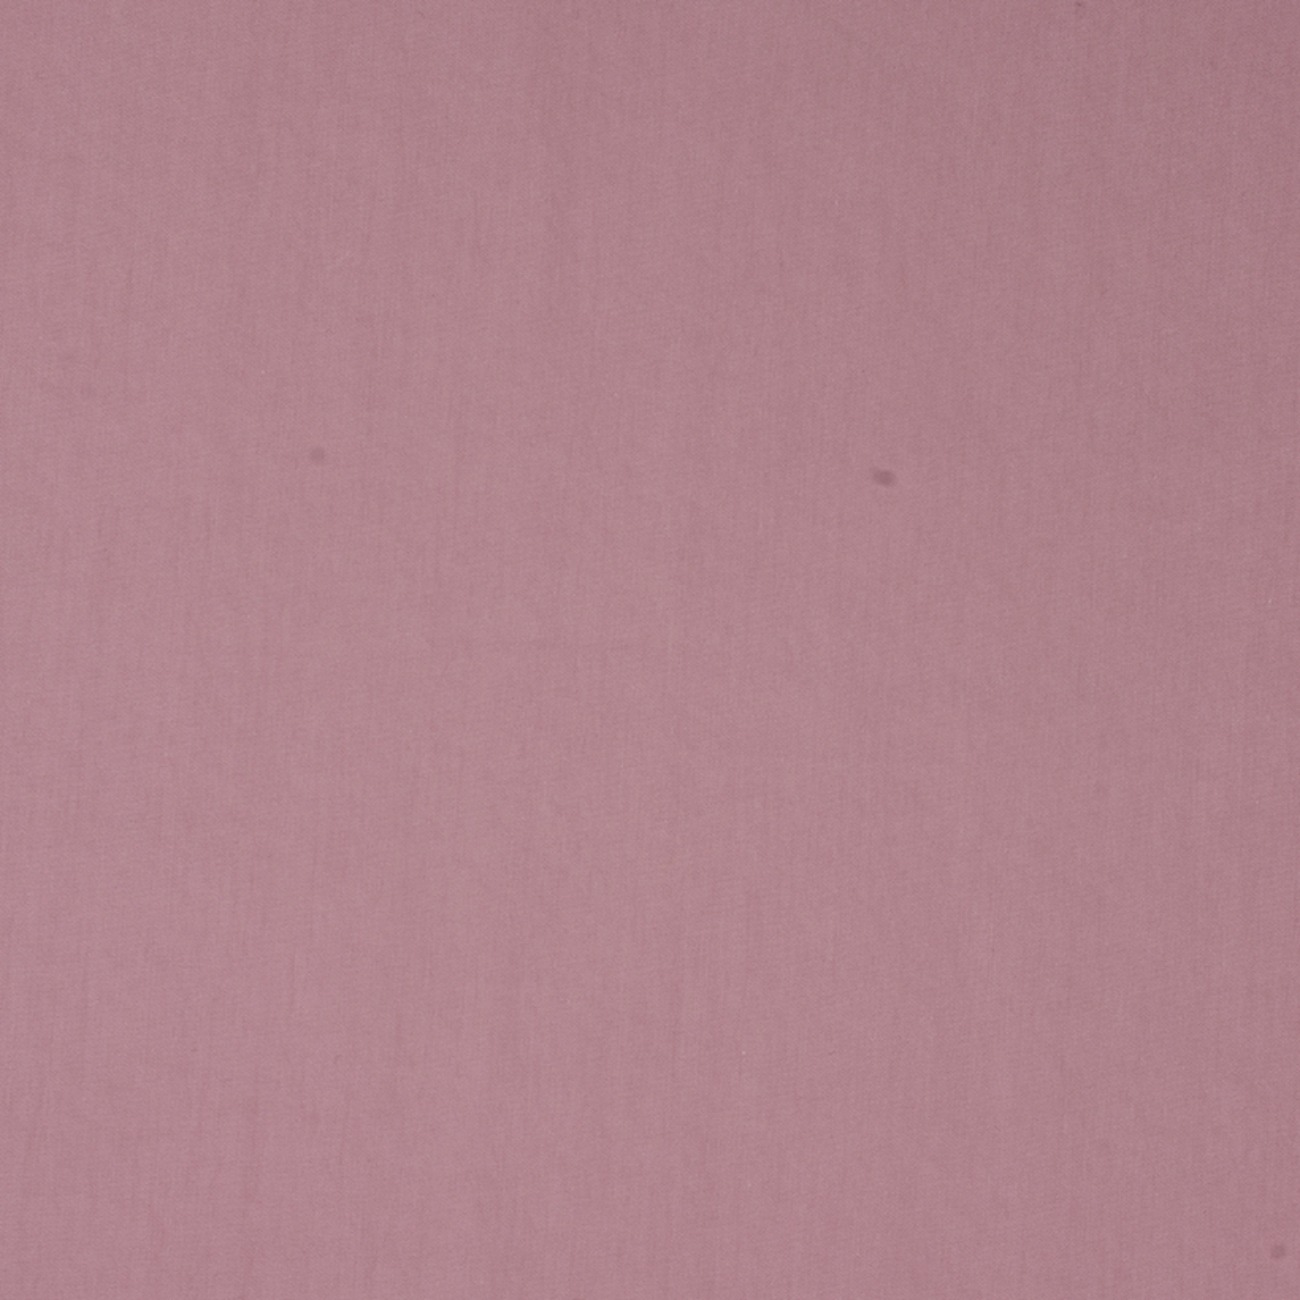 素色平纹外套风衣柔软棉感 秋冬 棉衣 61219-66